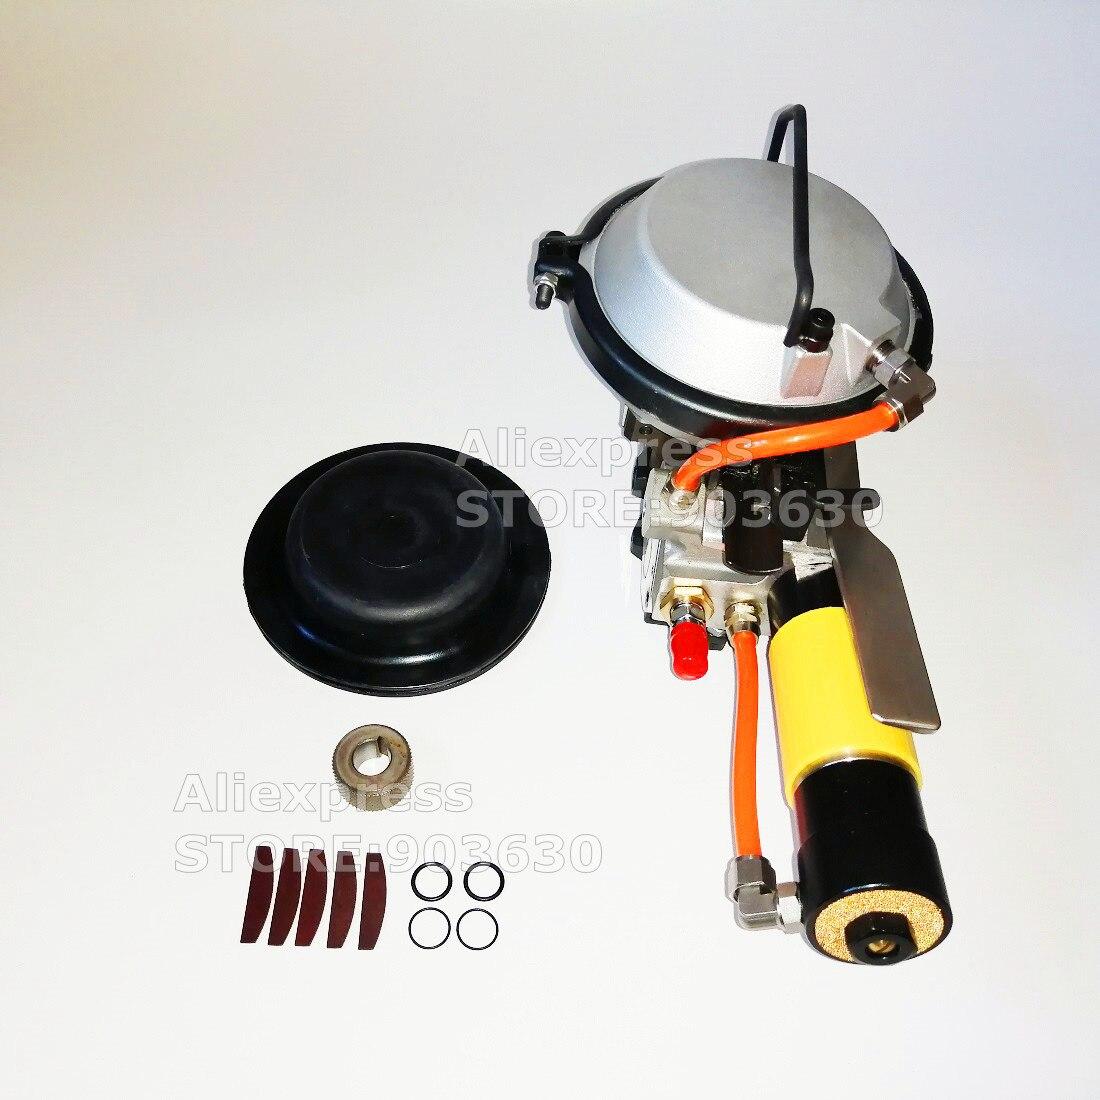 Garanteeritud 100% uus KZ-19 pneumaatiline kombineeritud terasest - Elektrilised tööriistad - Foto 1